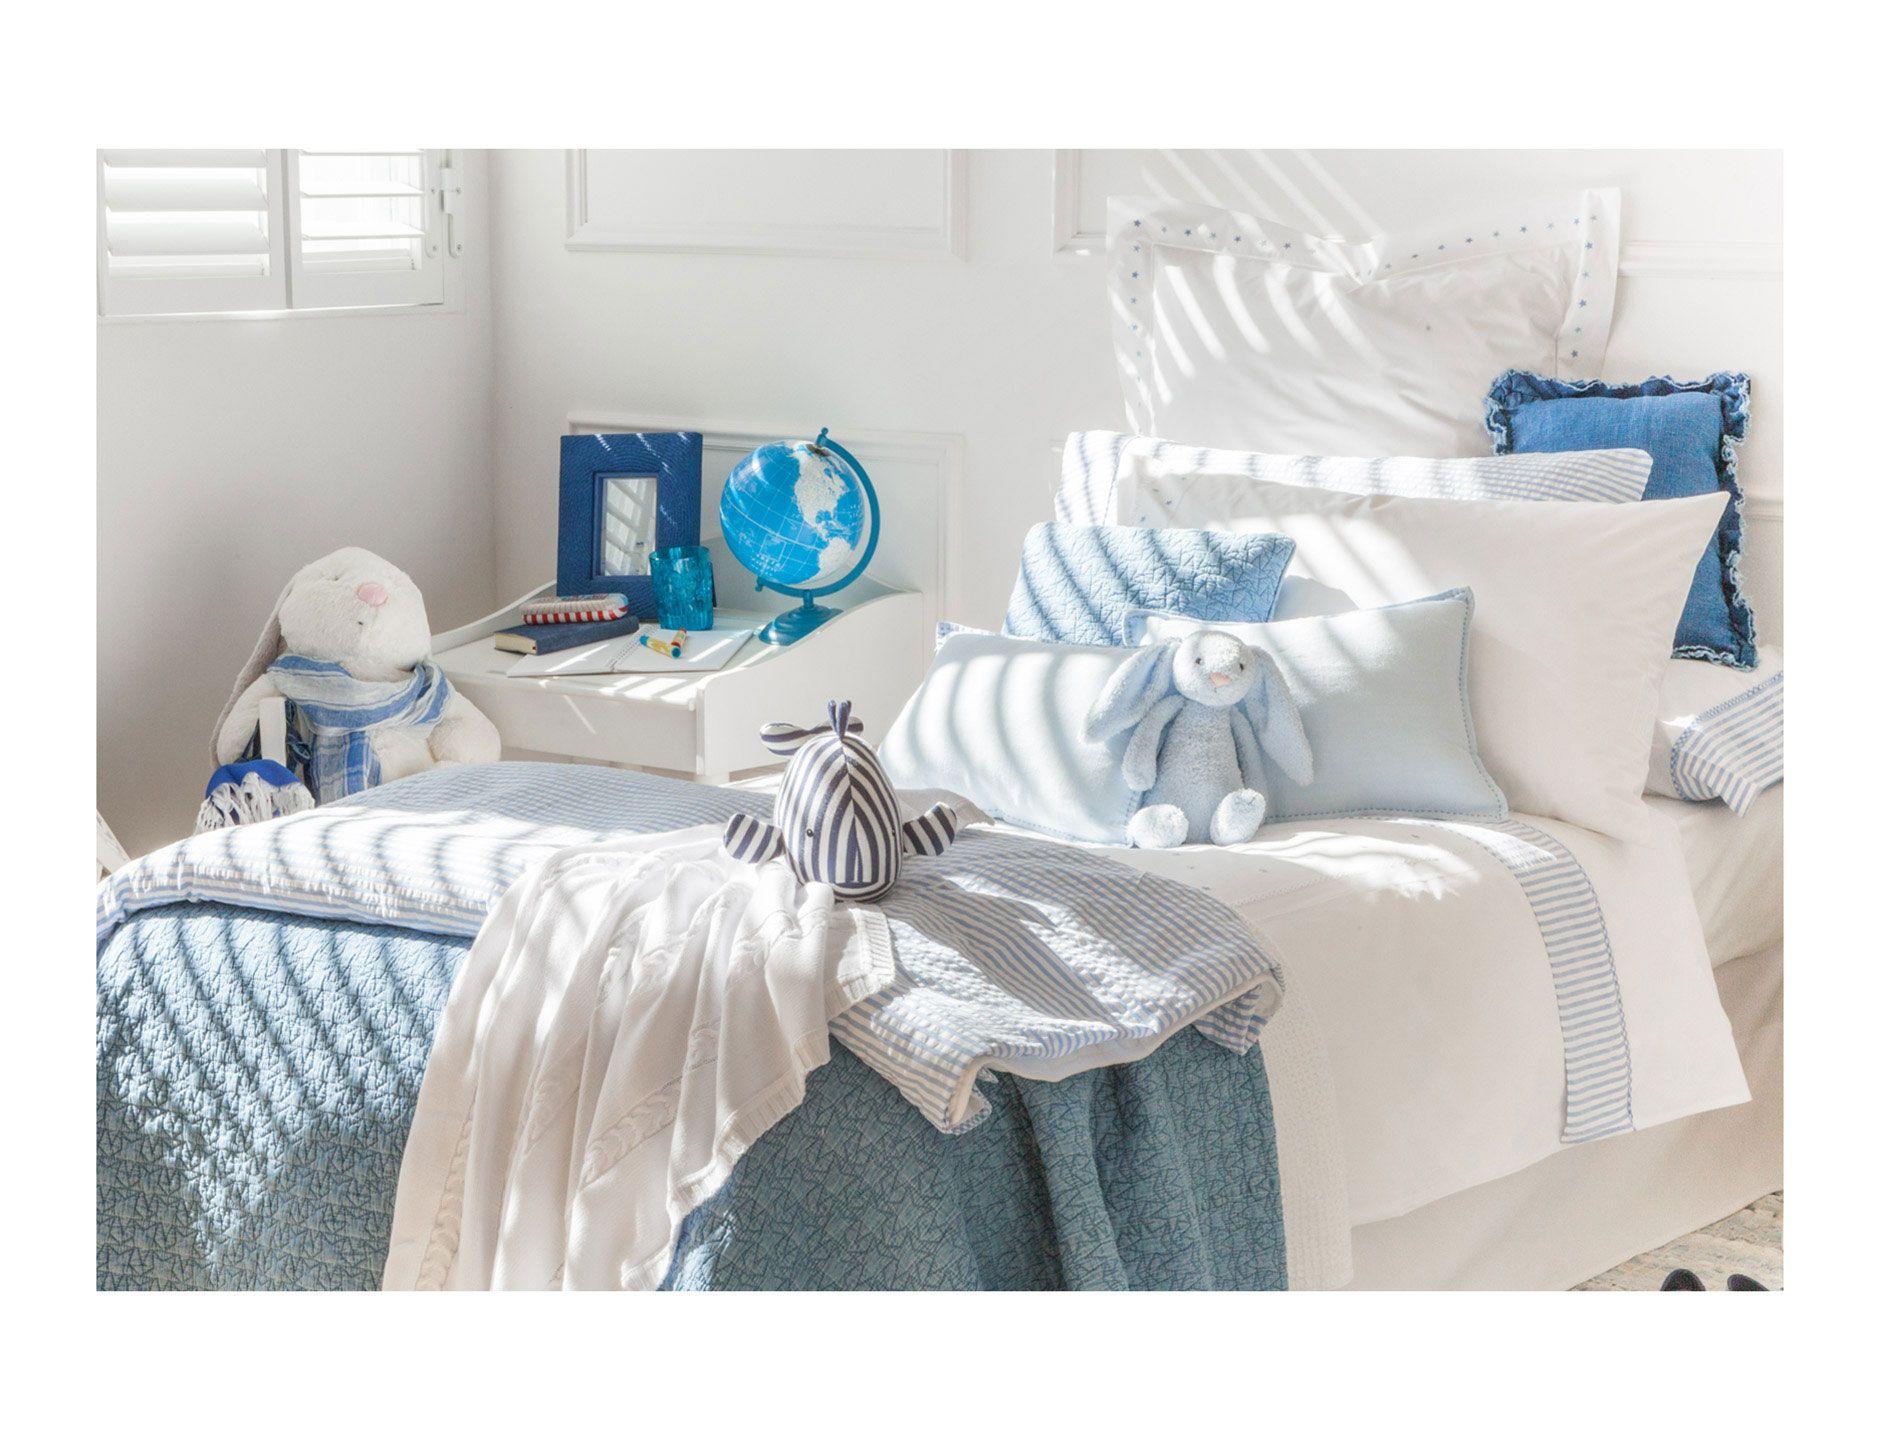 inspiration zara home france pour la chambre du titou. Black Bedroom Furniture Sets. Home Design Ideas